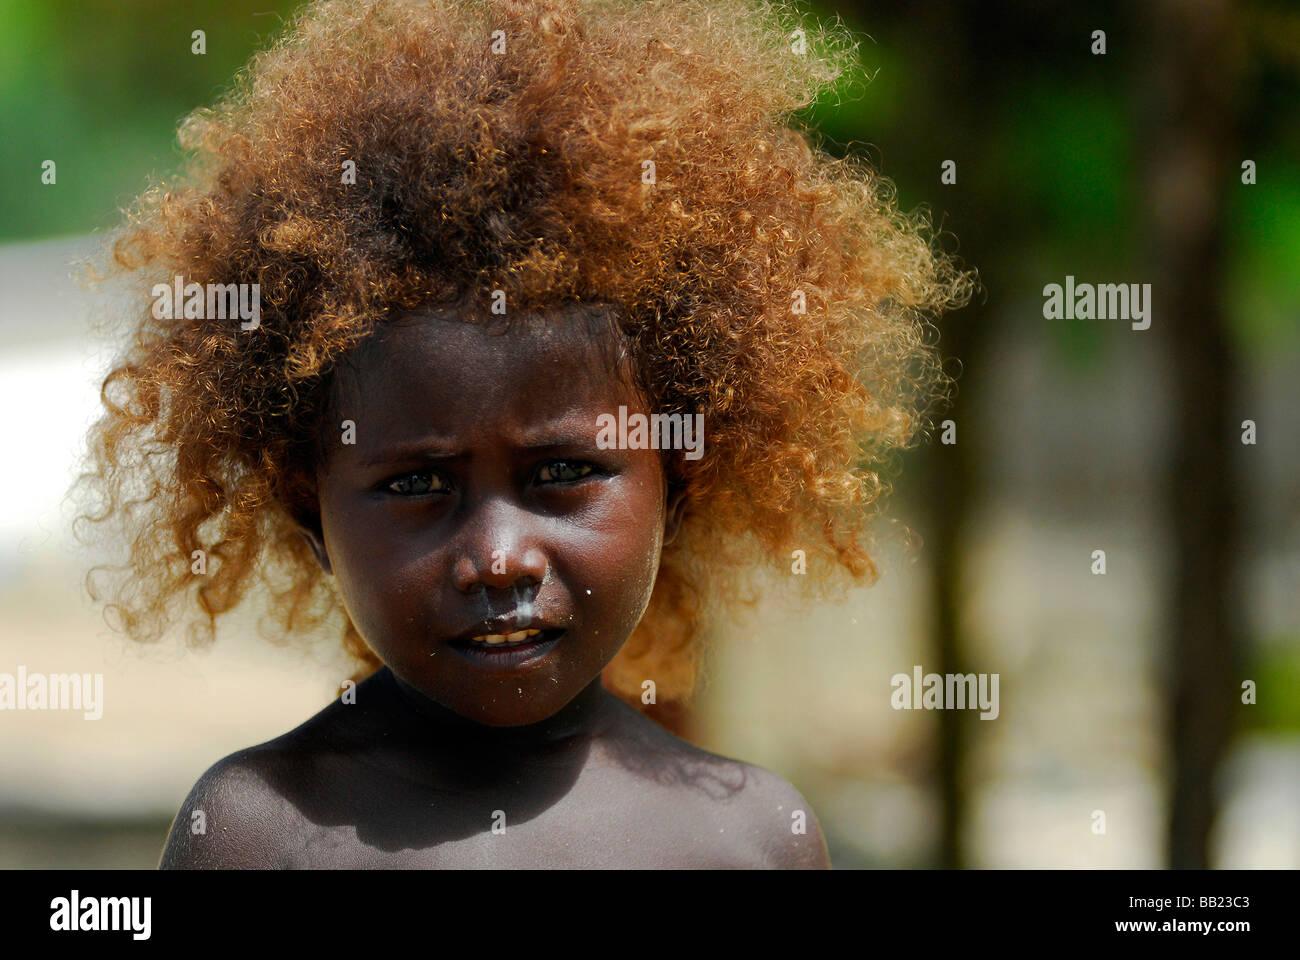 Melanesians - DNASU